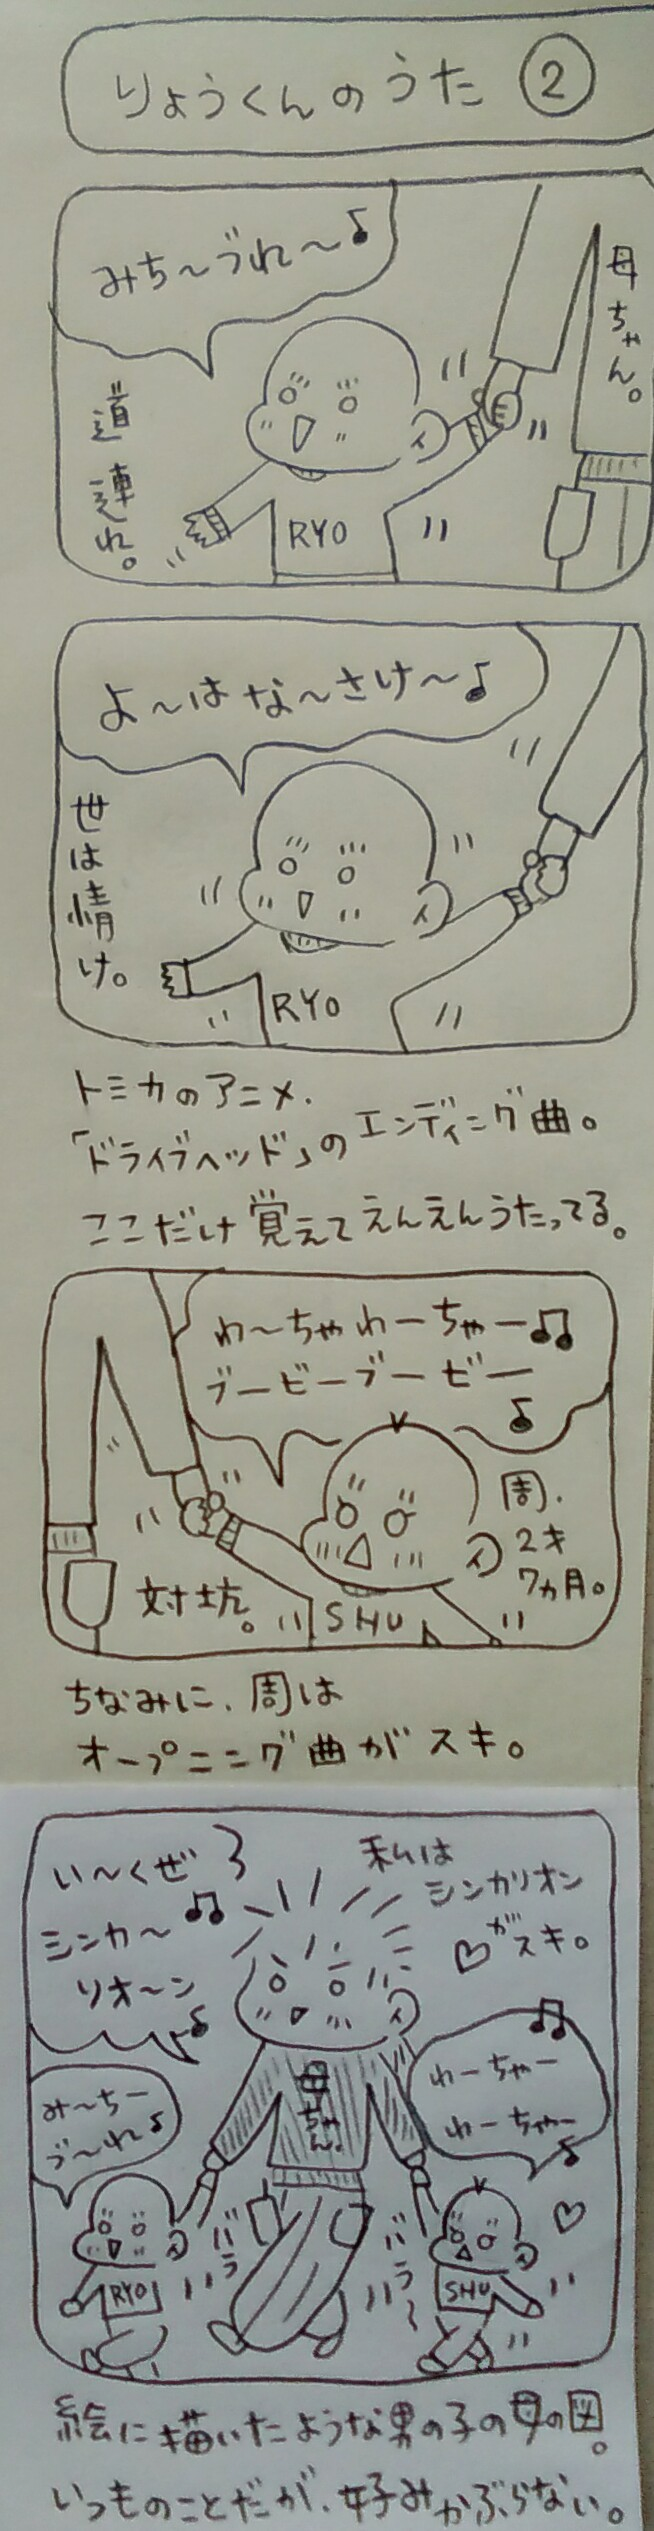 子育てマンガ ドライブヘッド シンカリオン アニメ 男の子